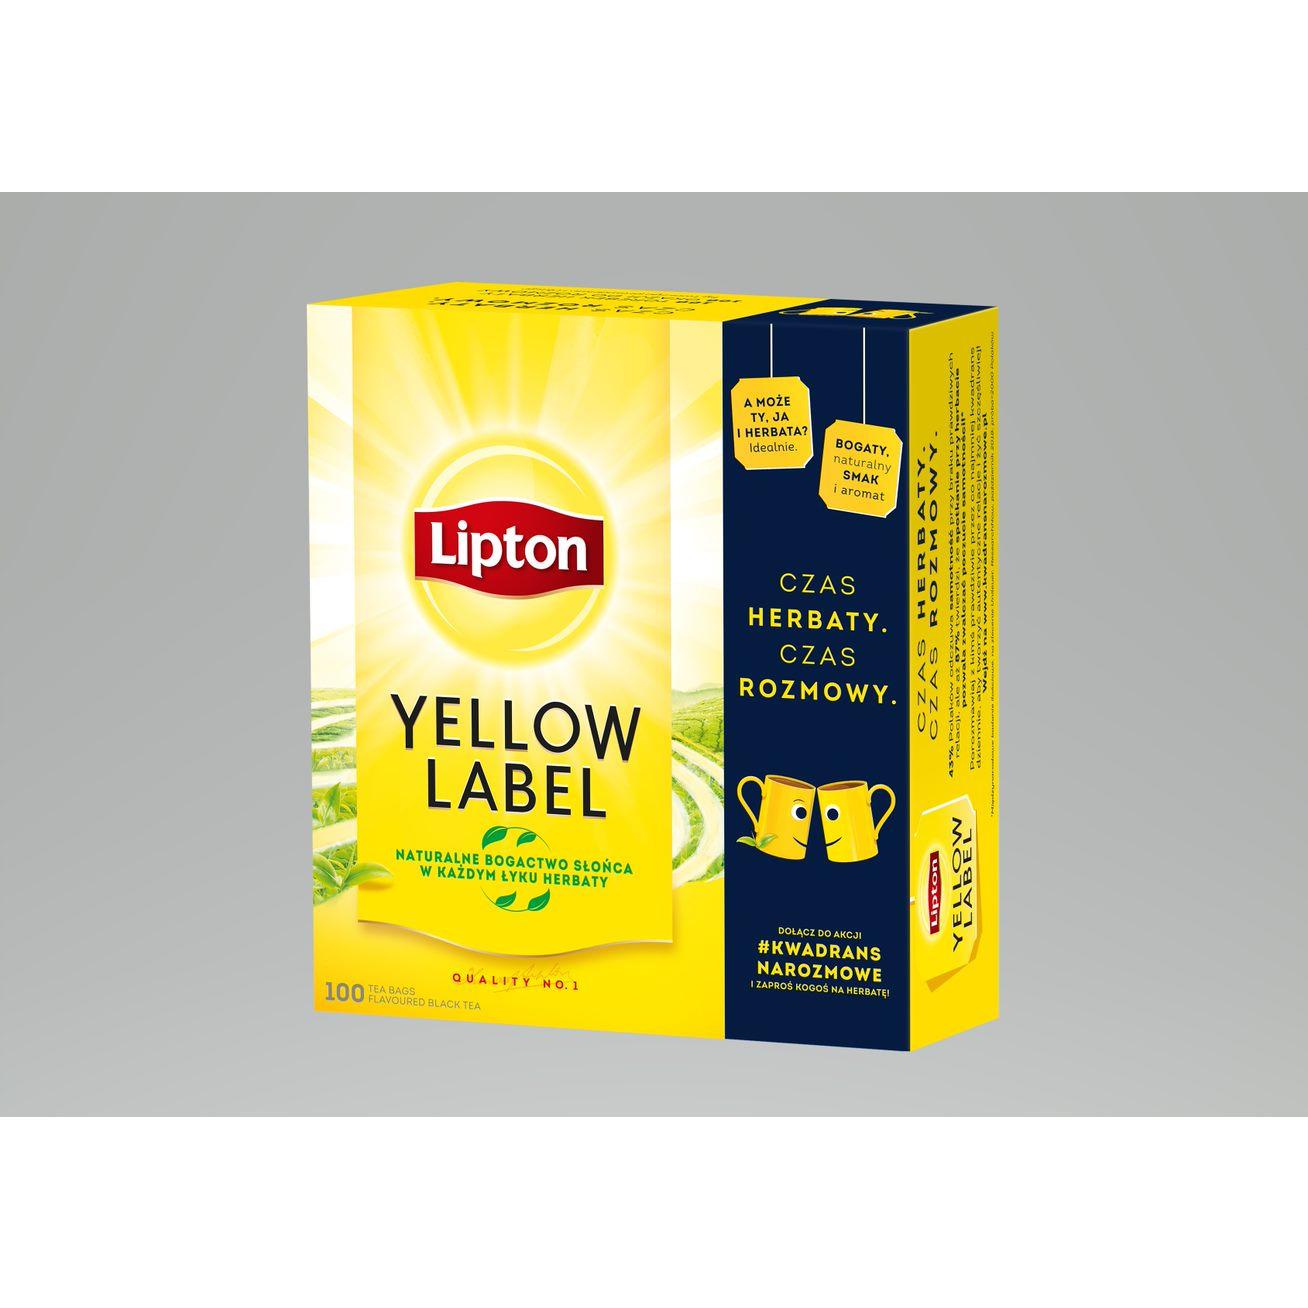 Herbata LIPTON YELLOW LABEL 100 torebek 2g, ghk0160248